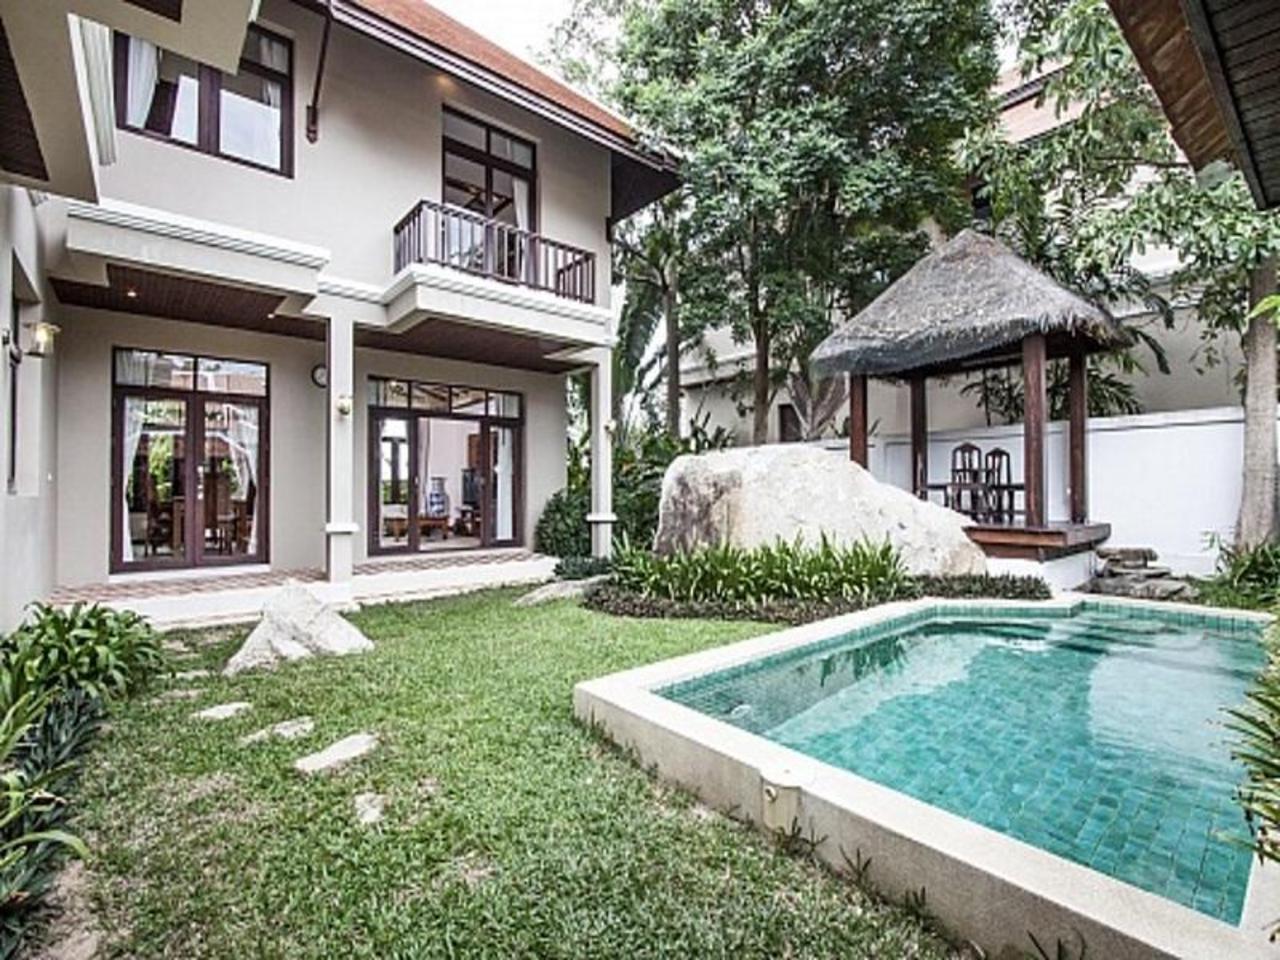 เฉวง ซันไรซ์ วิลลา 1 -3 เบด (Chaweng Sunrise Villa 1 - 3 Beds)